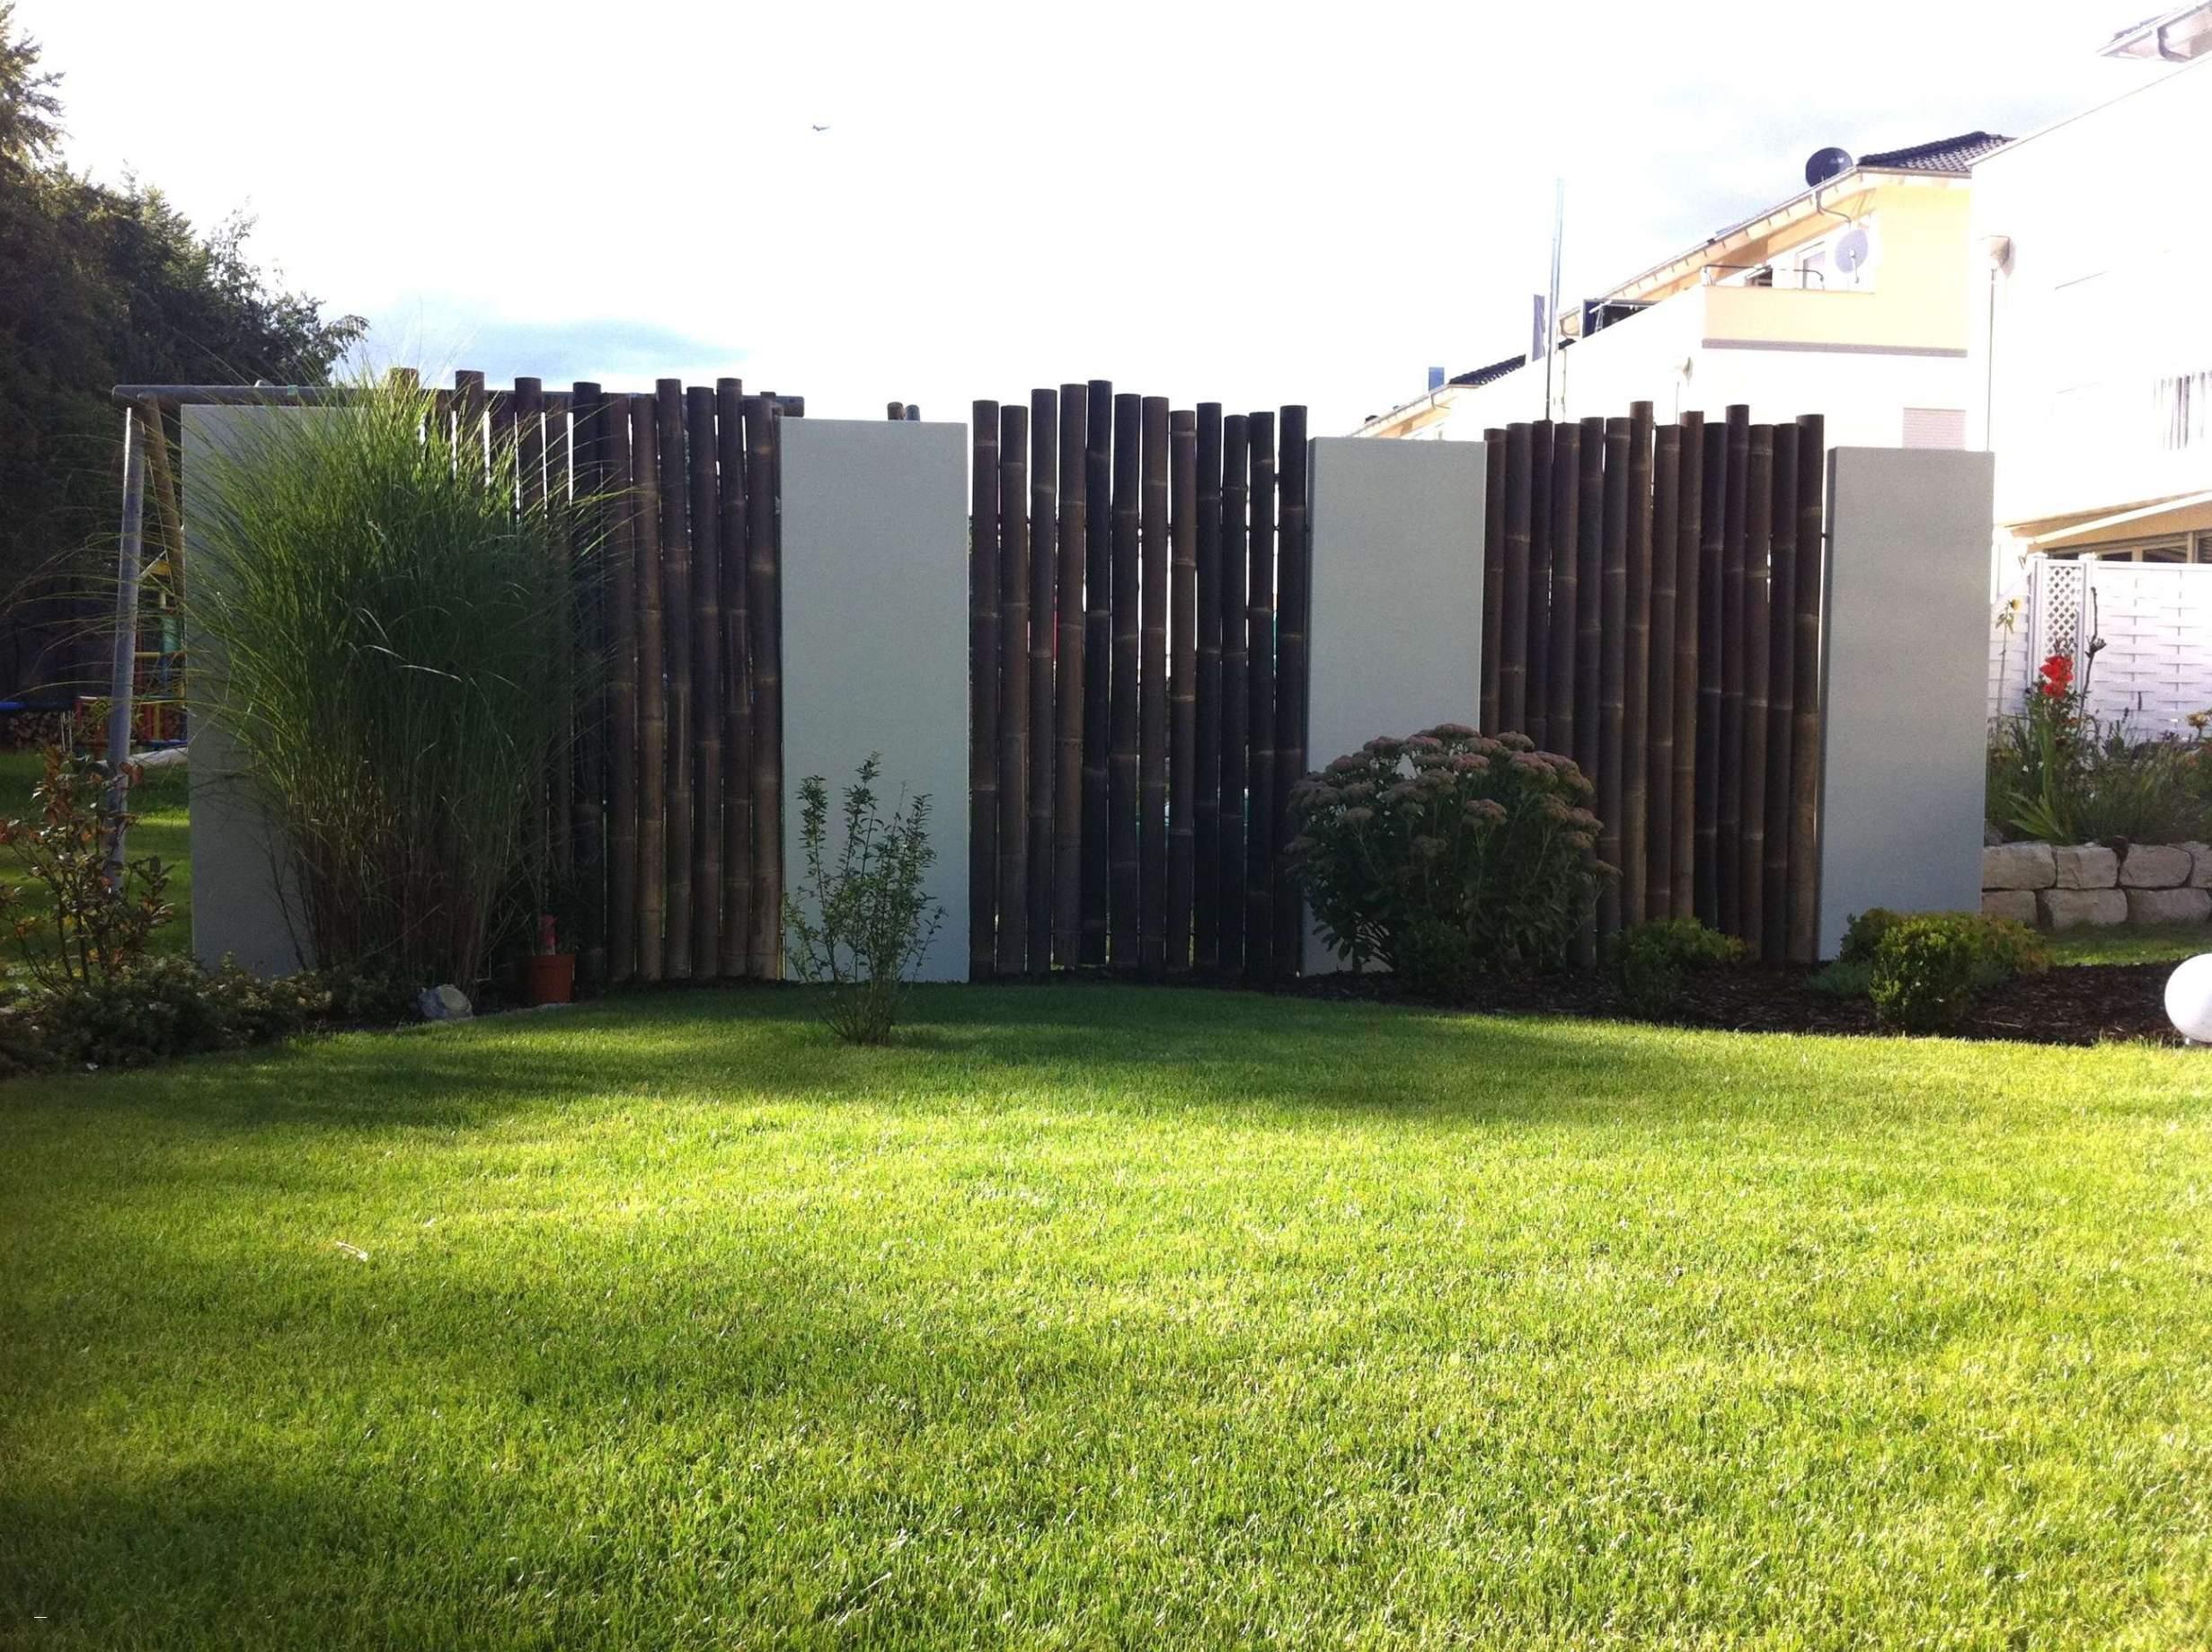 29 Das Beste Von Garten Sichtschutz Bambus Neu Garten Anlegen